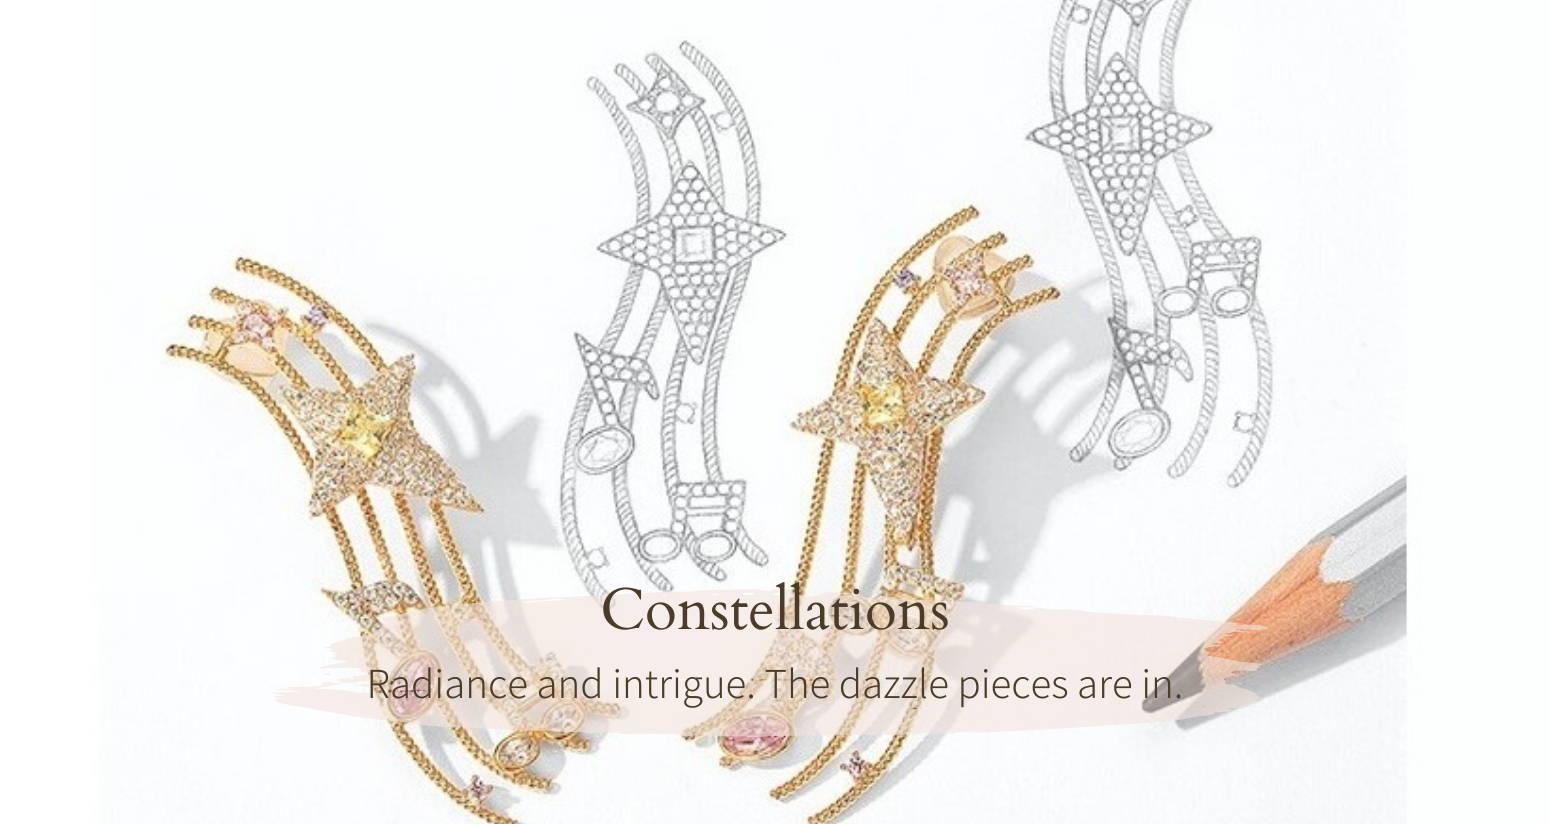 Sol-de-Miel Unique Artisan Jewelry Constellations Collection